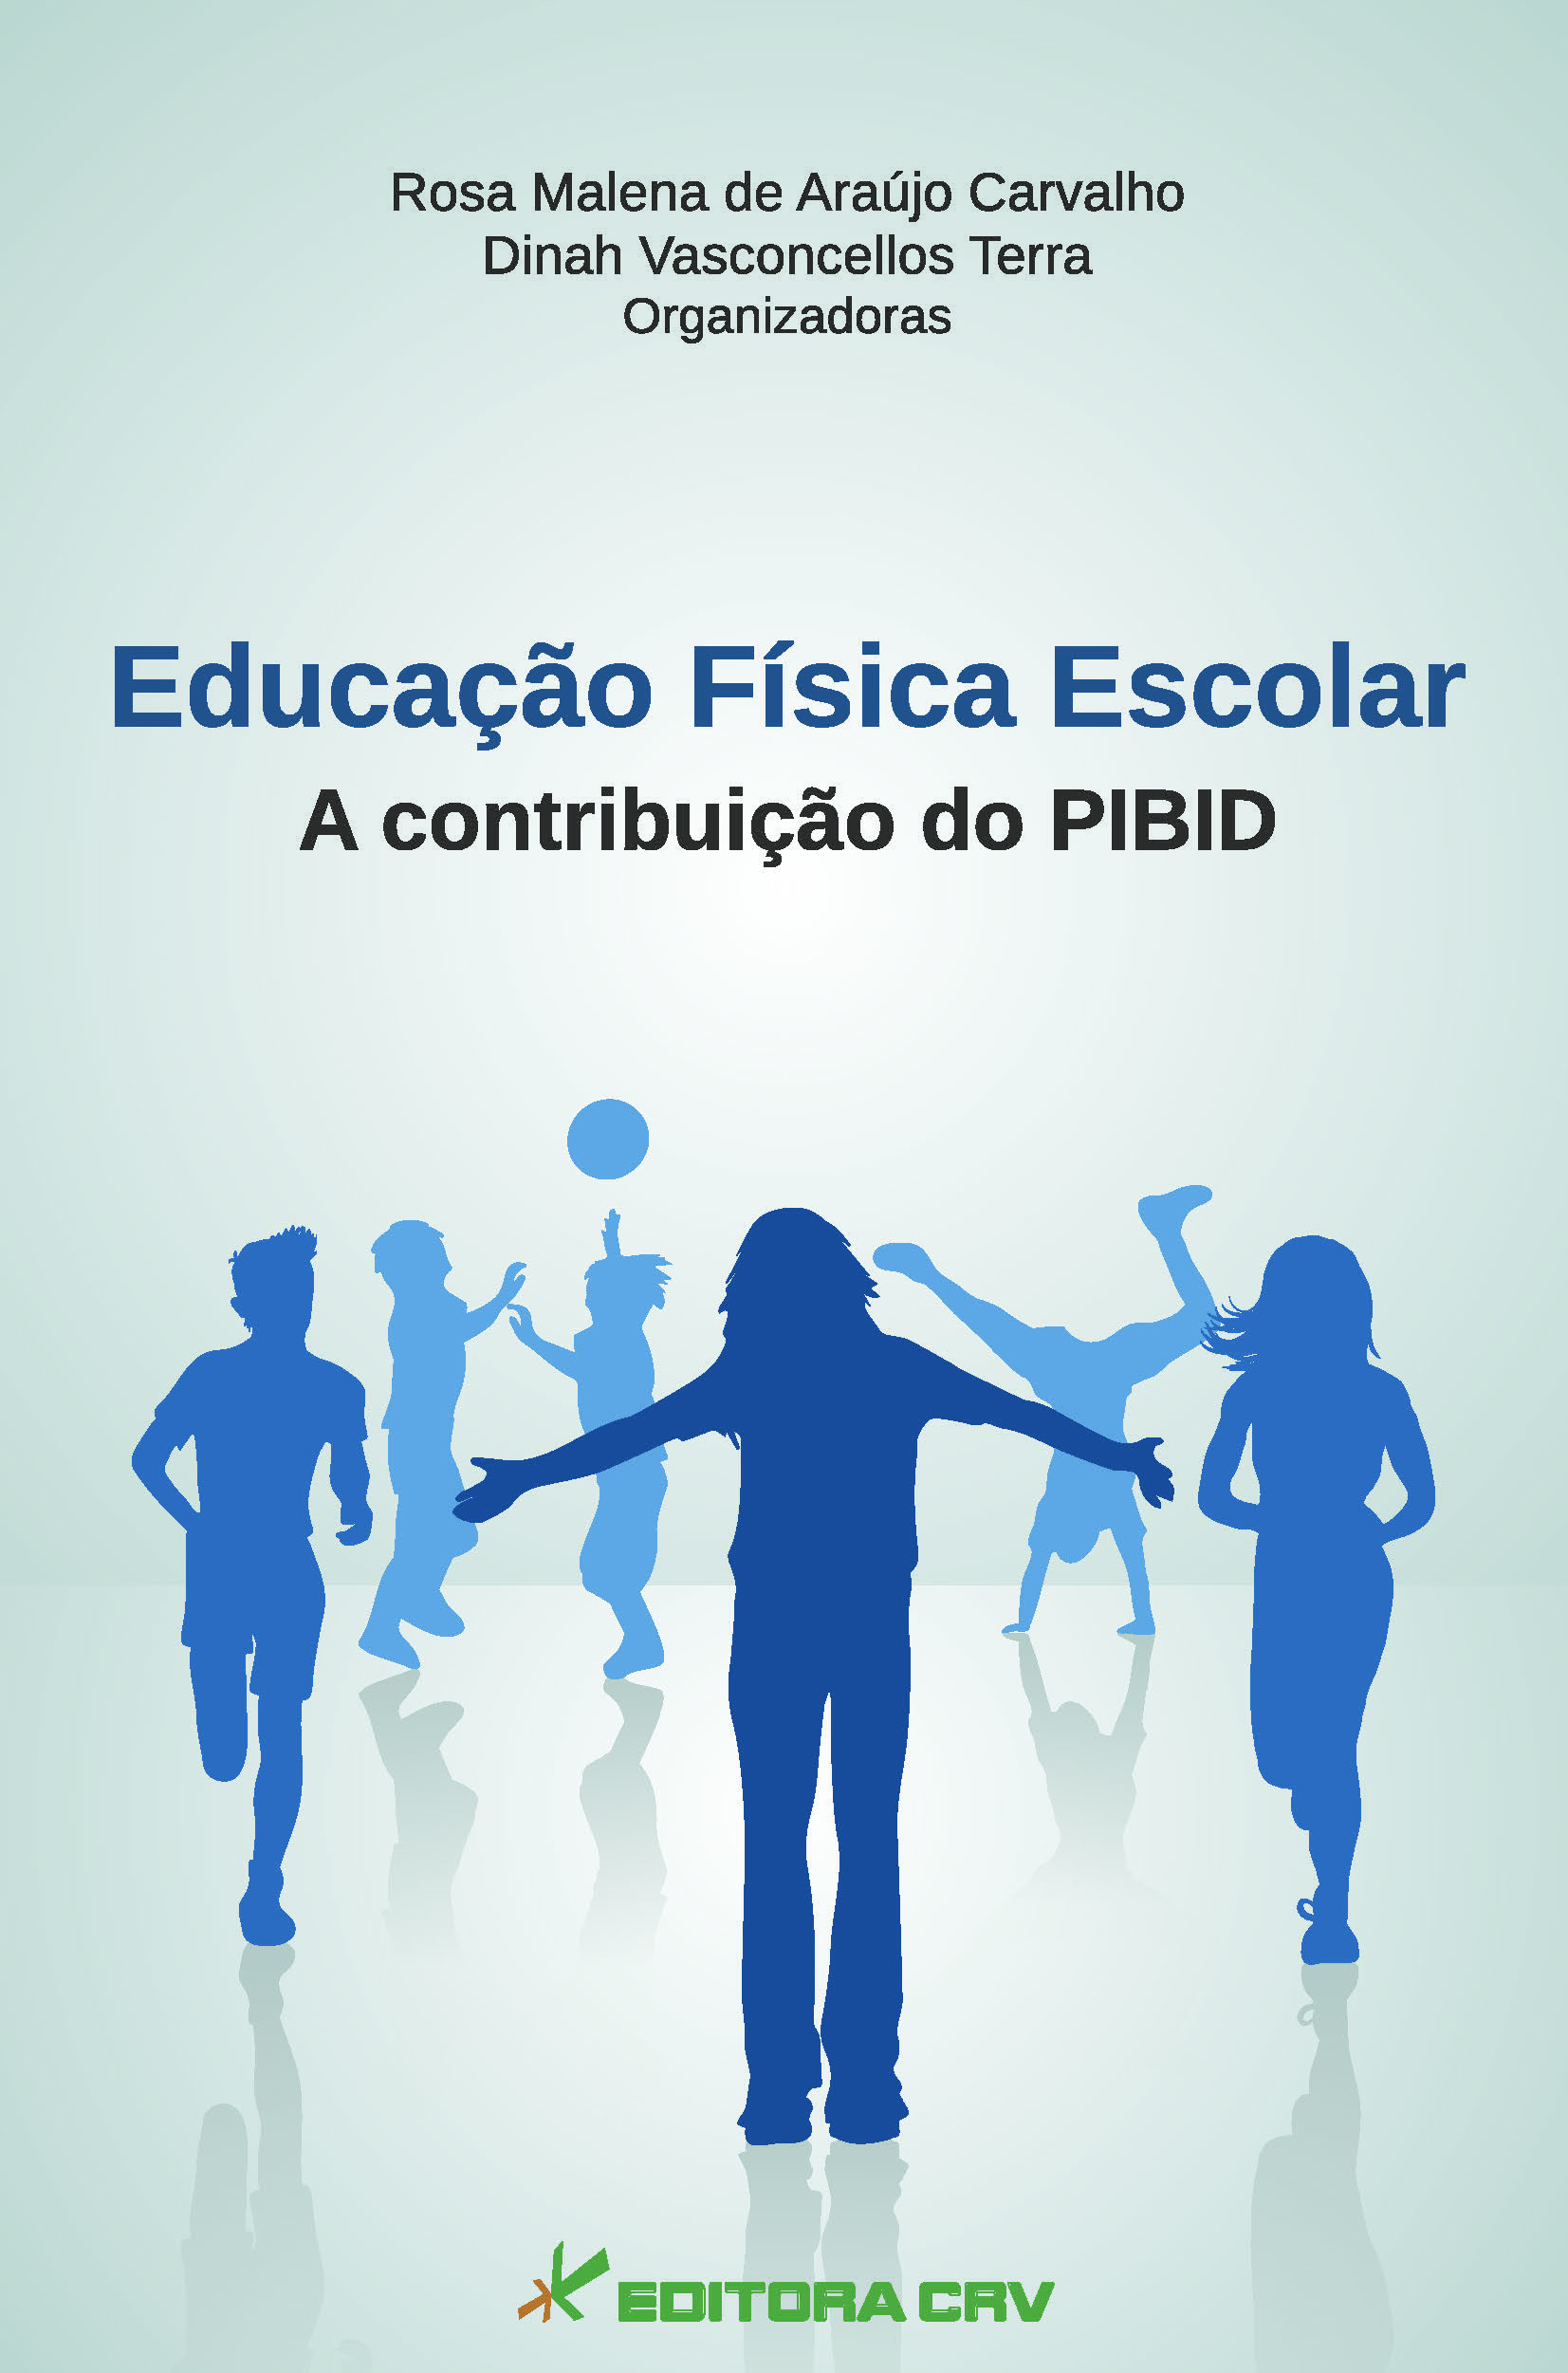 Capa do livro: EDUCAÇÃO FÍSICA ESCOLAR<br>A contribuição do PIBID